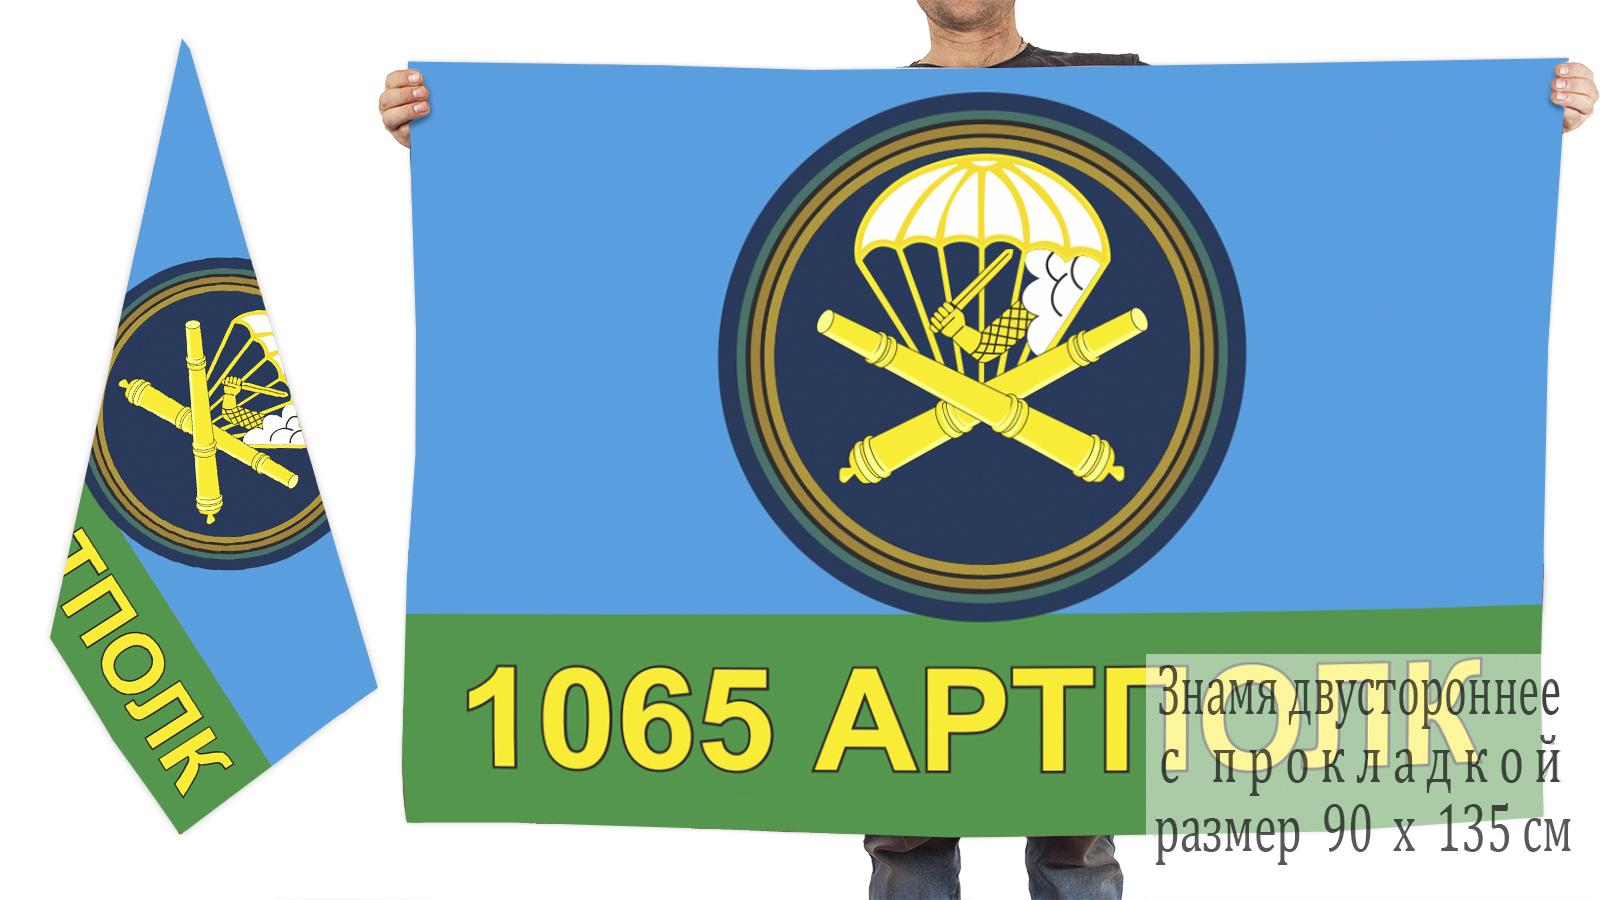 """Двусторонний флаг """"1065 АРТПОЛК ВДВ"""""""